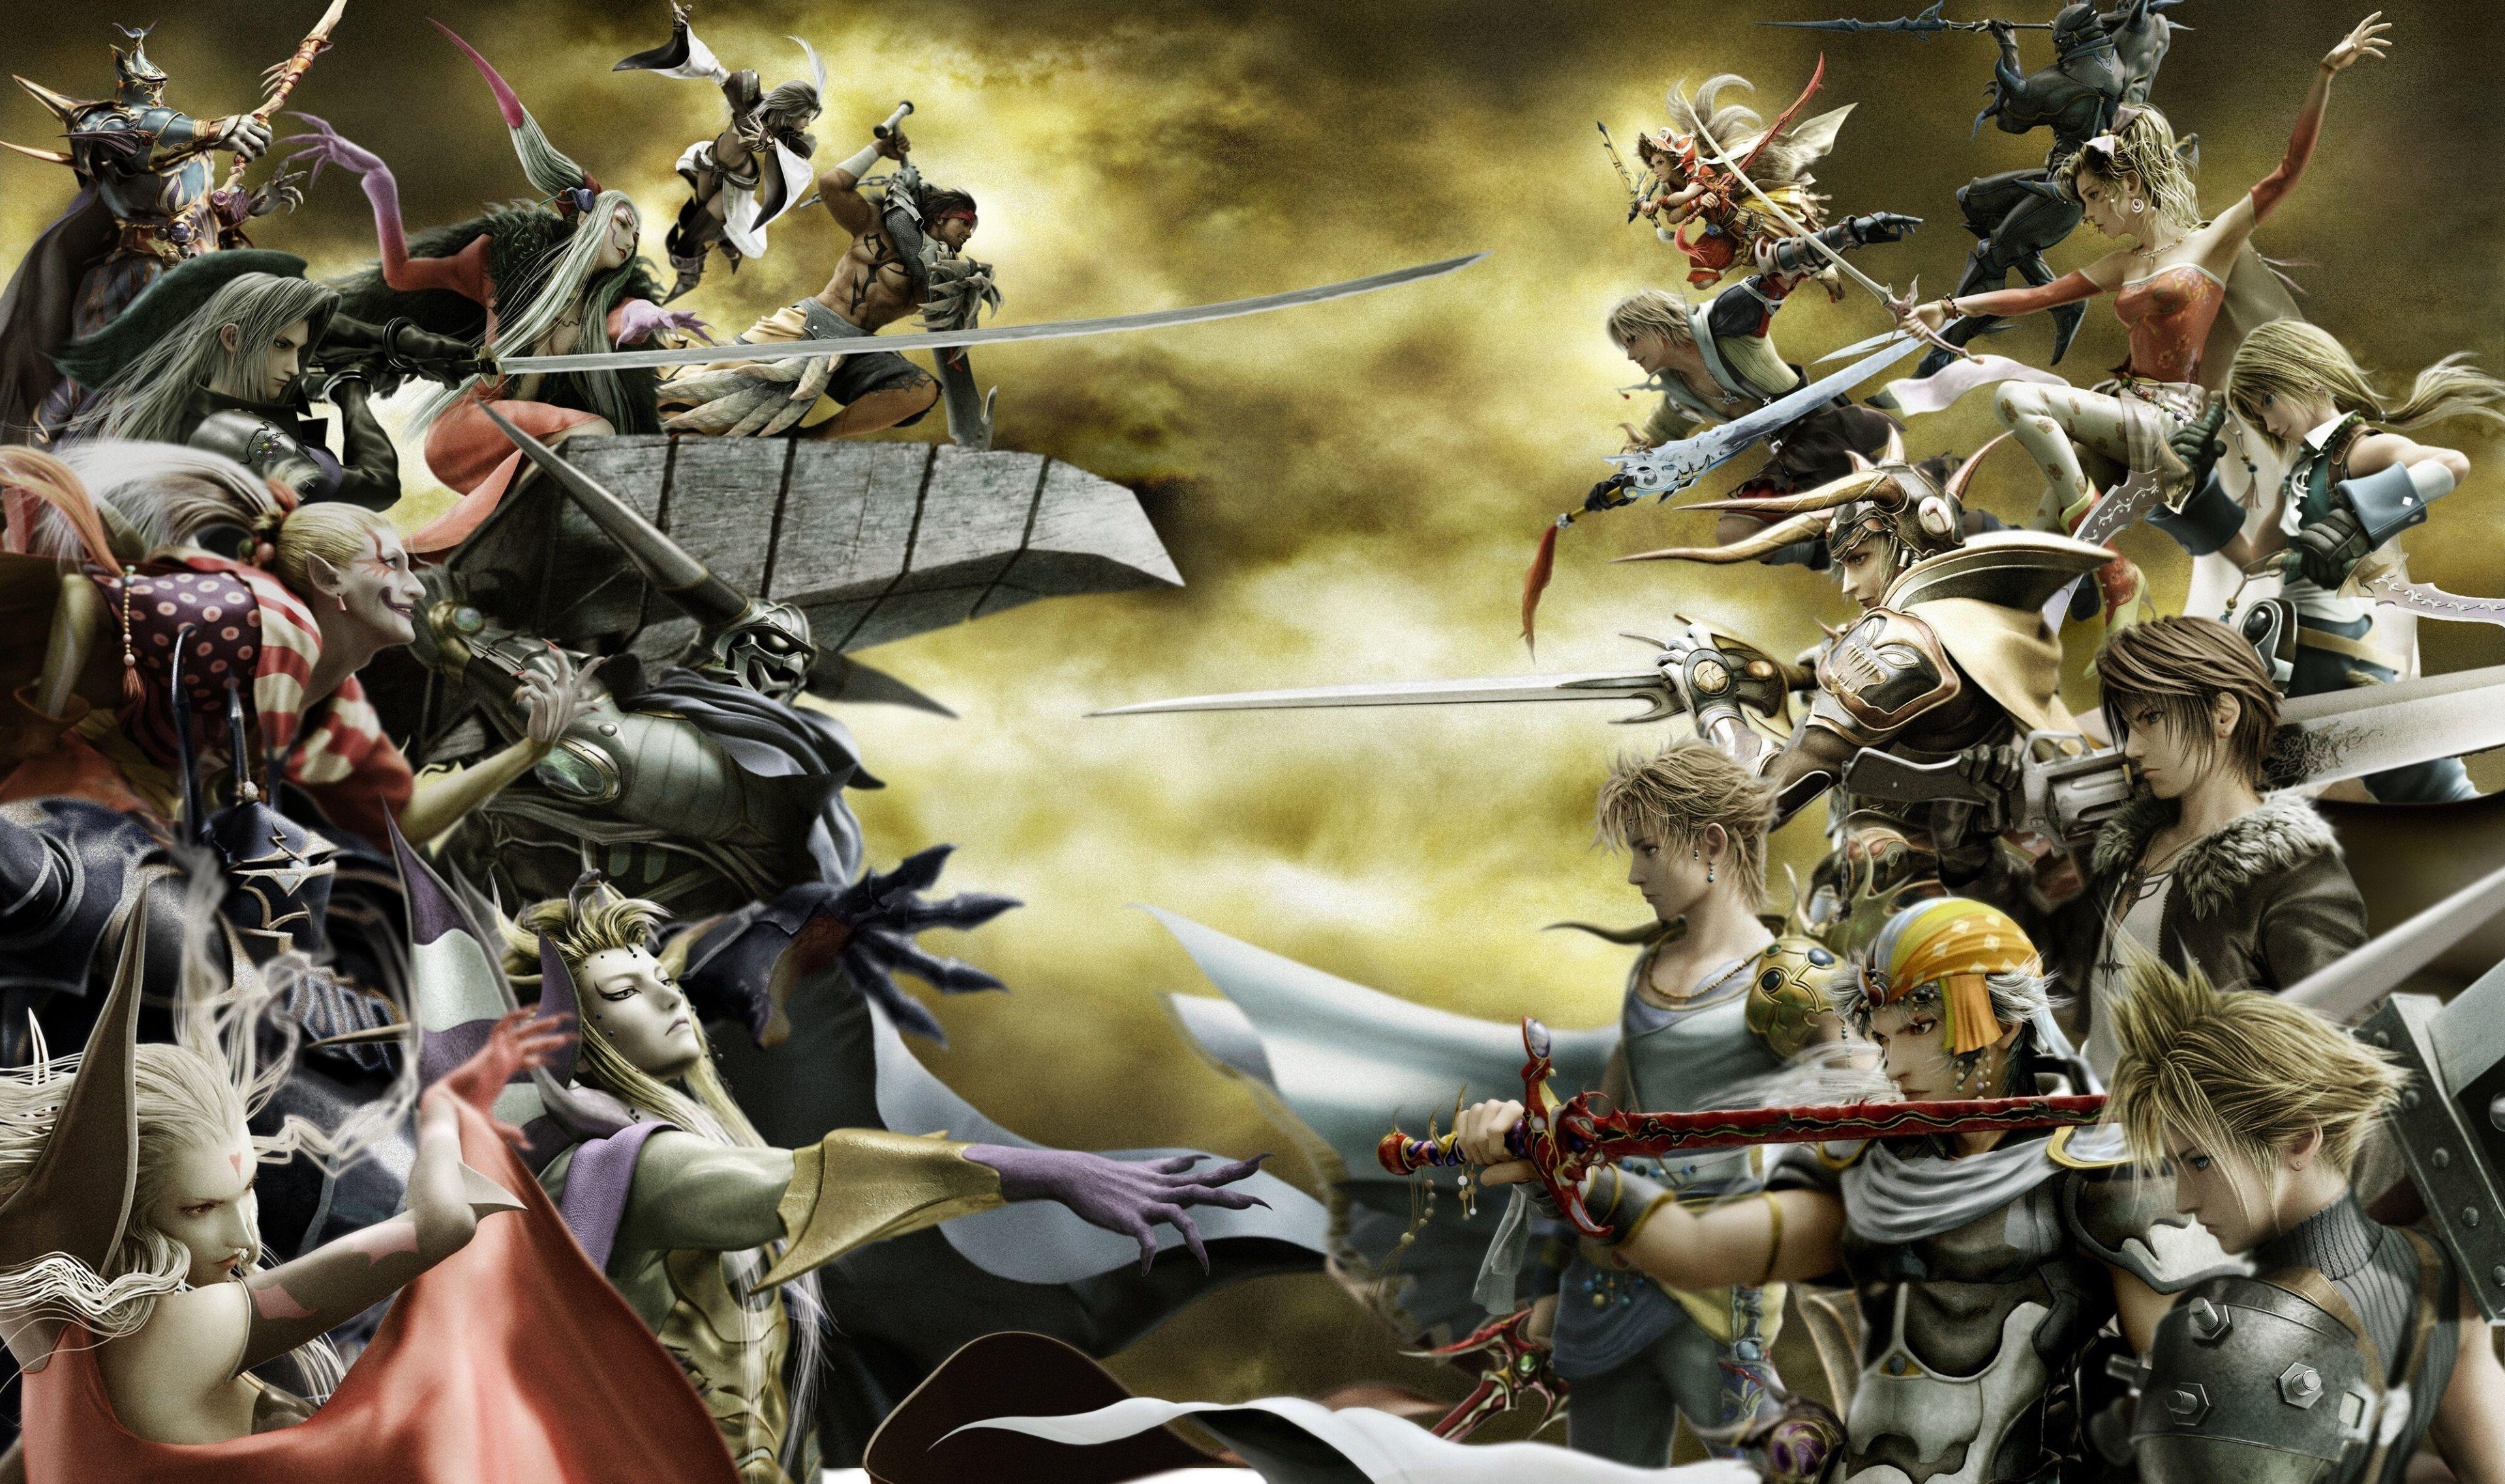 3840x2275 Dissidia Final Fantasy Nt 4k Full Hd Wallpapers New